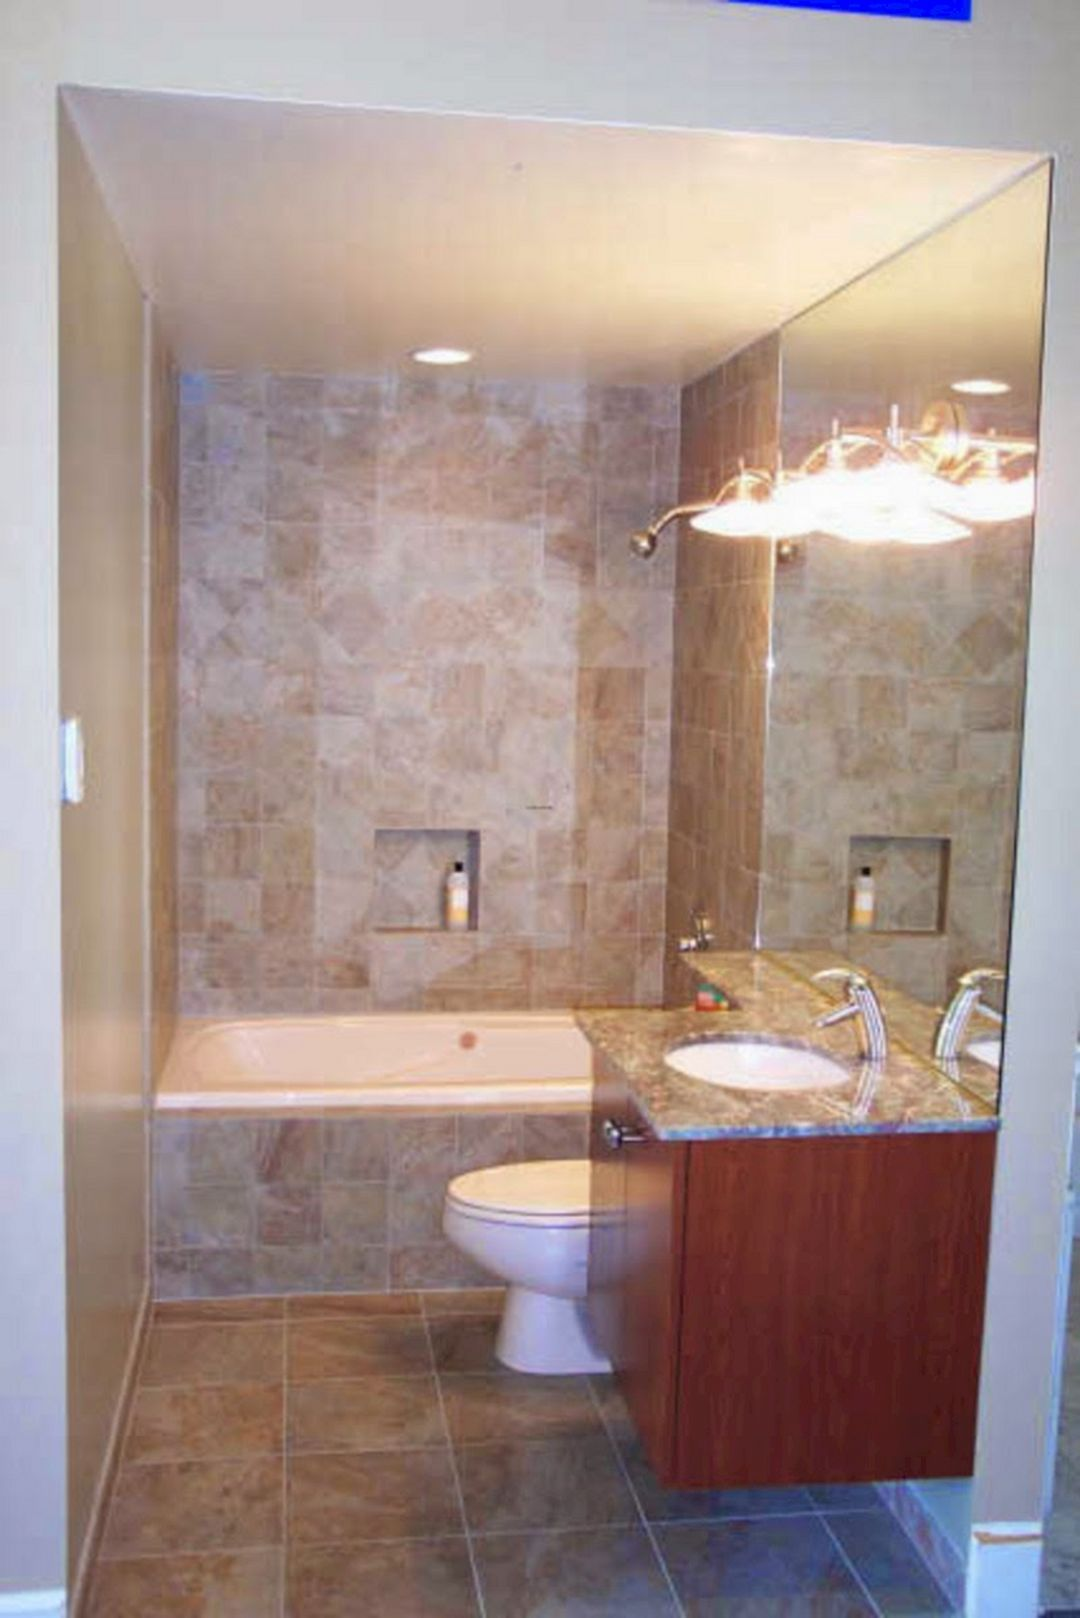 30 attractive small bathtub design for cozy bathroom ideas on cool small bathroom design ideas id=24136